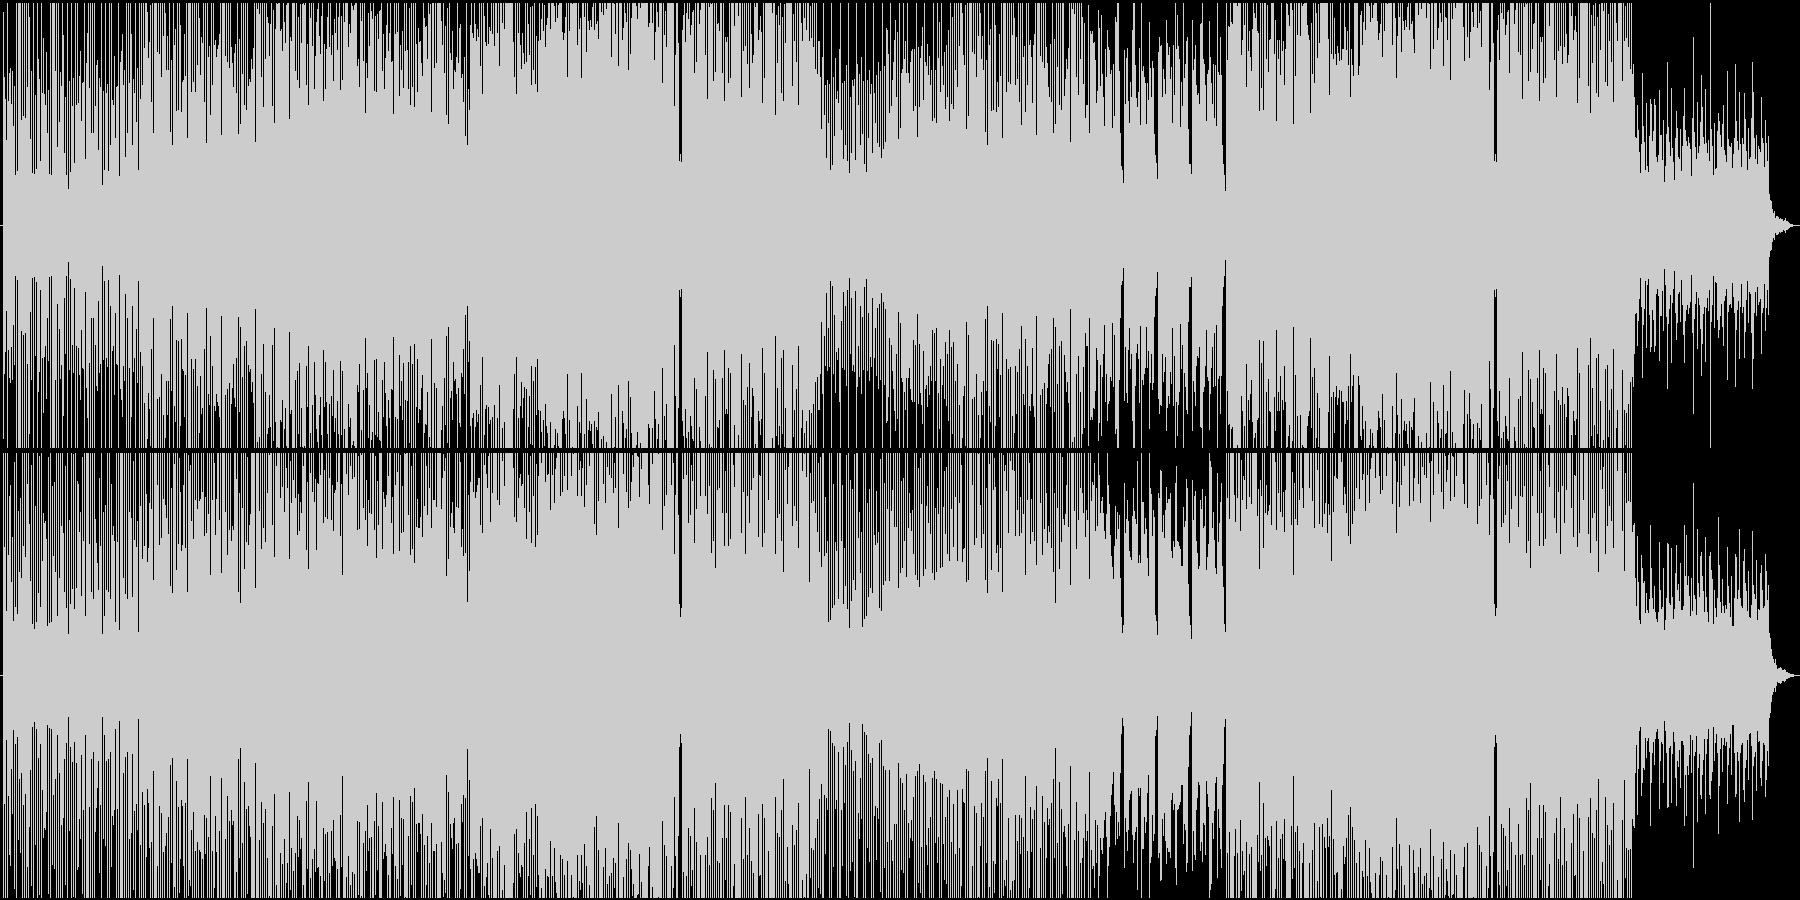 スキップしたくなるような可愛く明るい楽曲の未再生の波形